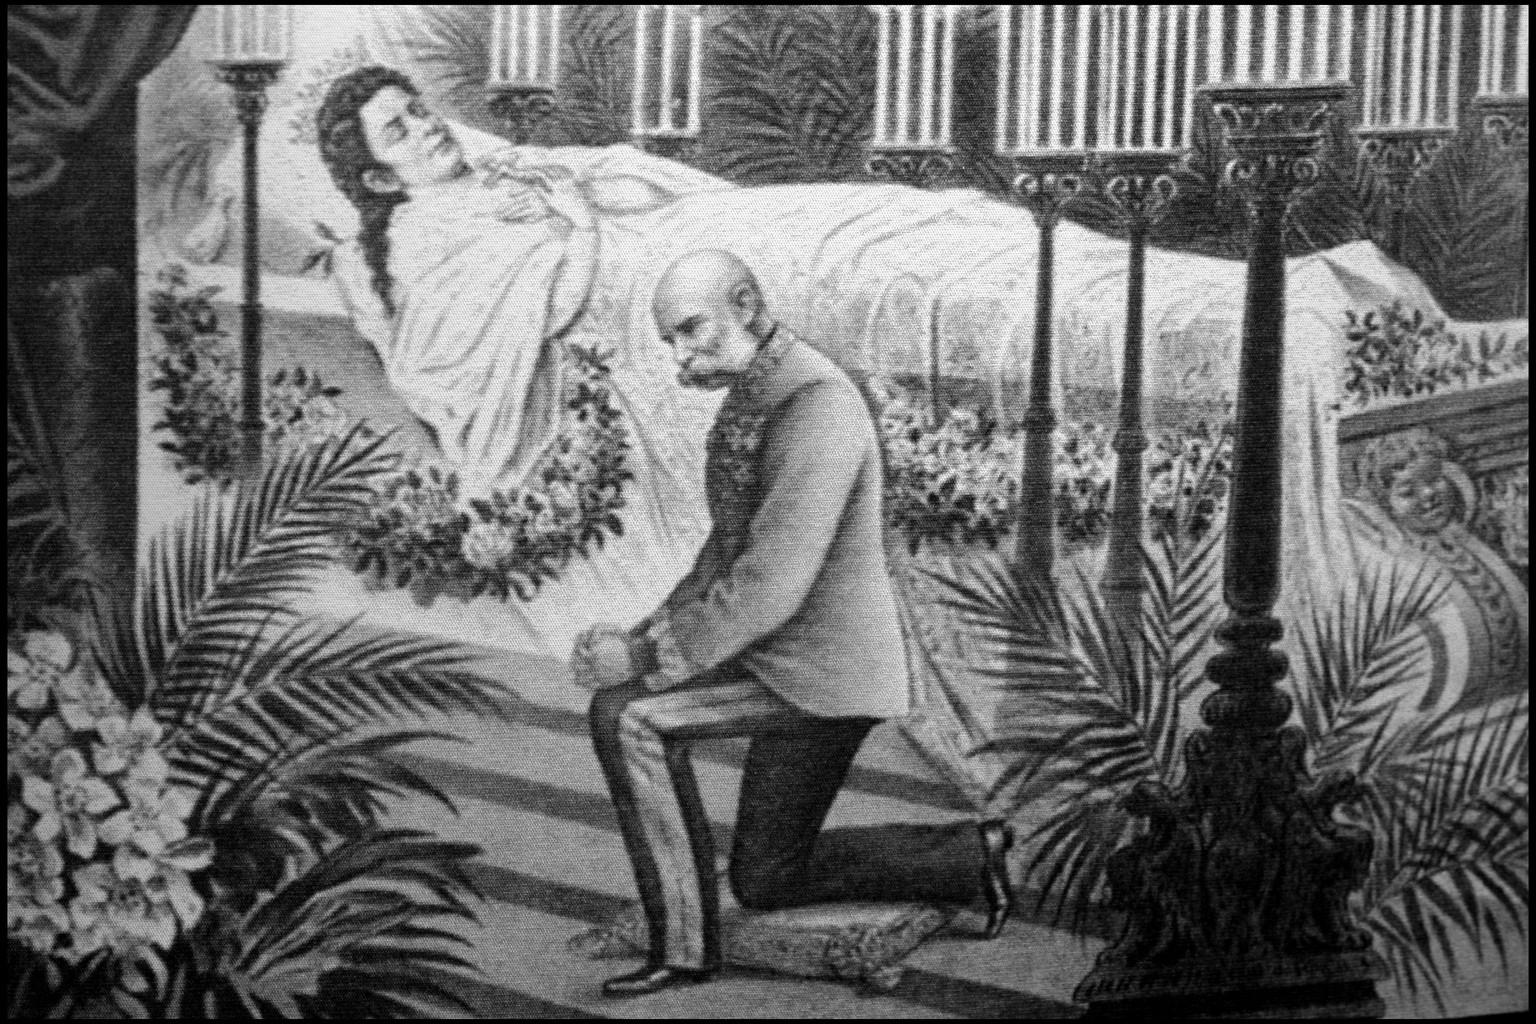 Vor 120 Jahren Mord An Kaiserin Sisi In Genf Watson